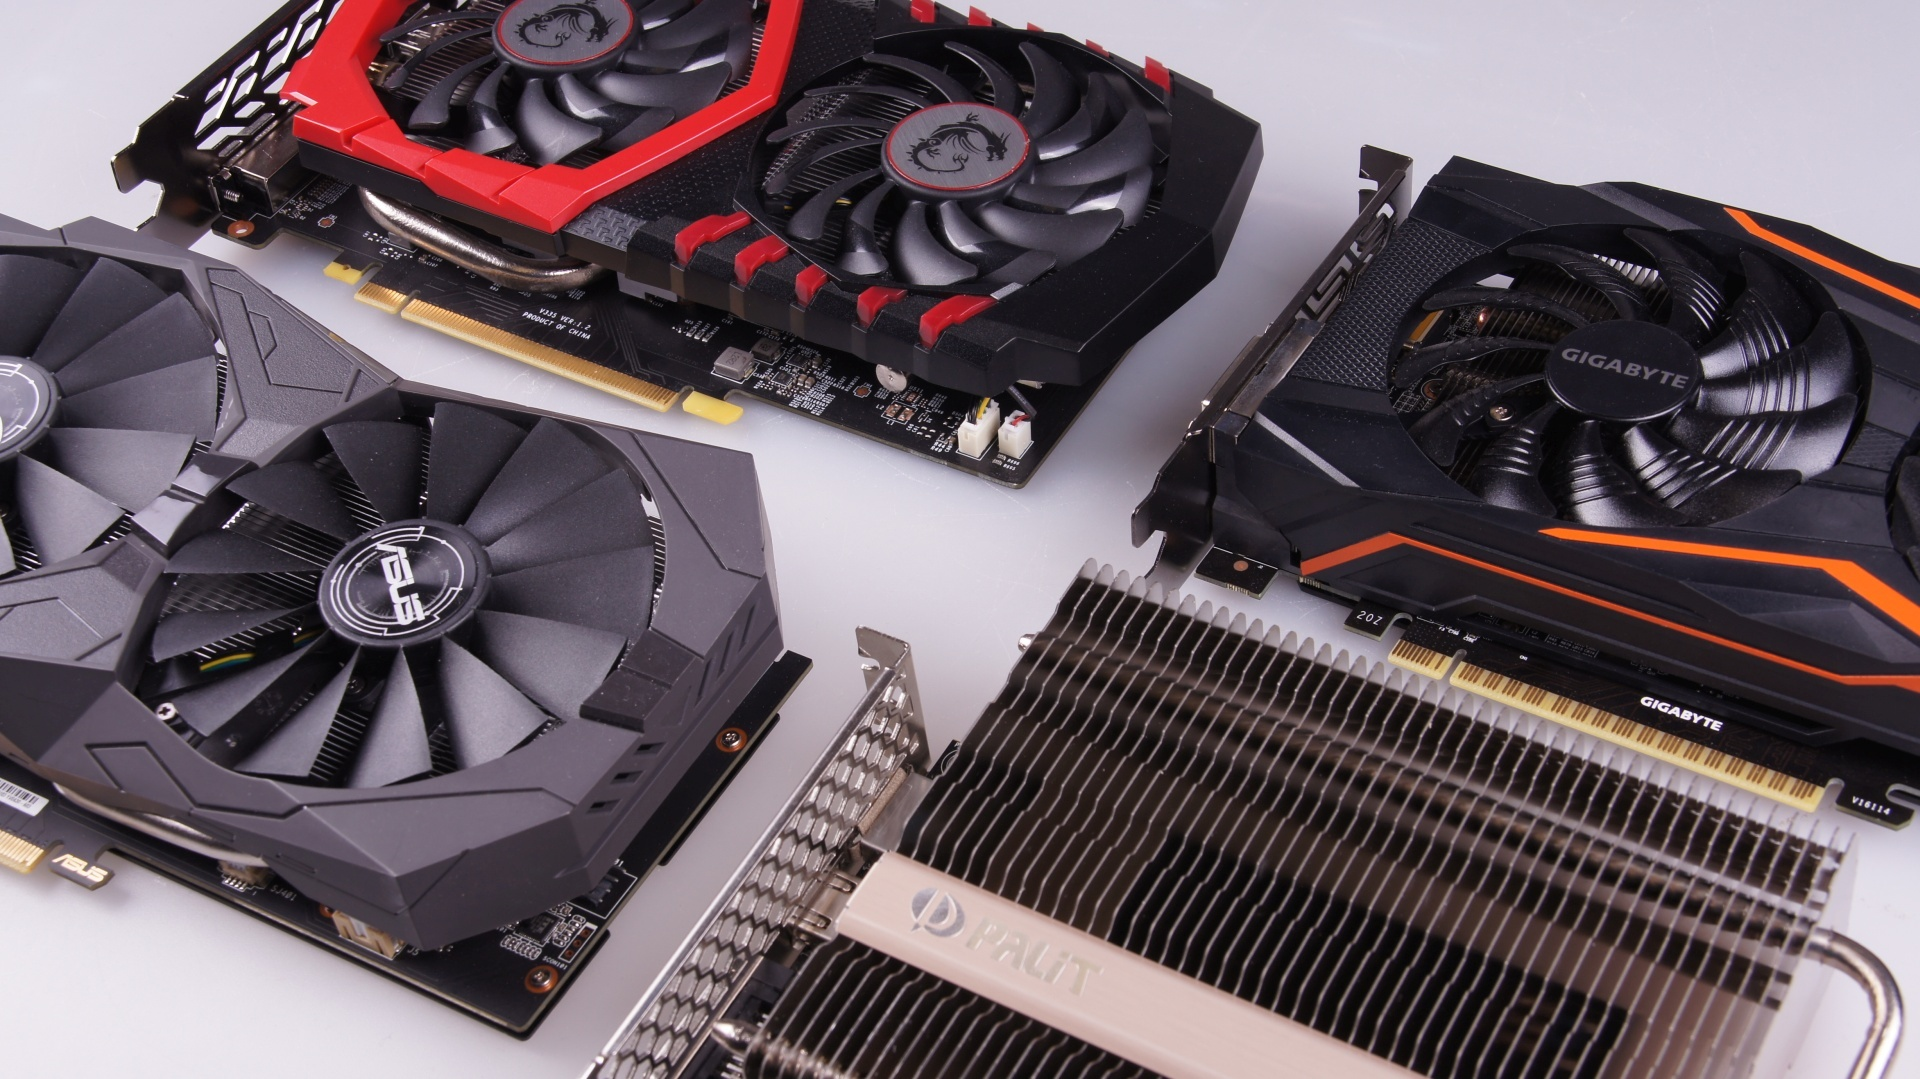 Die Beste Gtx 1050 Ti Welche Ist Schnellste Leiseste Gnstigste Msi Geforce 4gb Ddr5 Oc